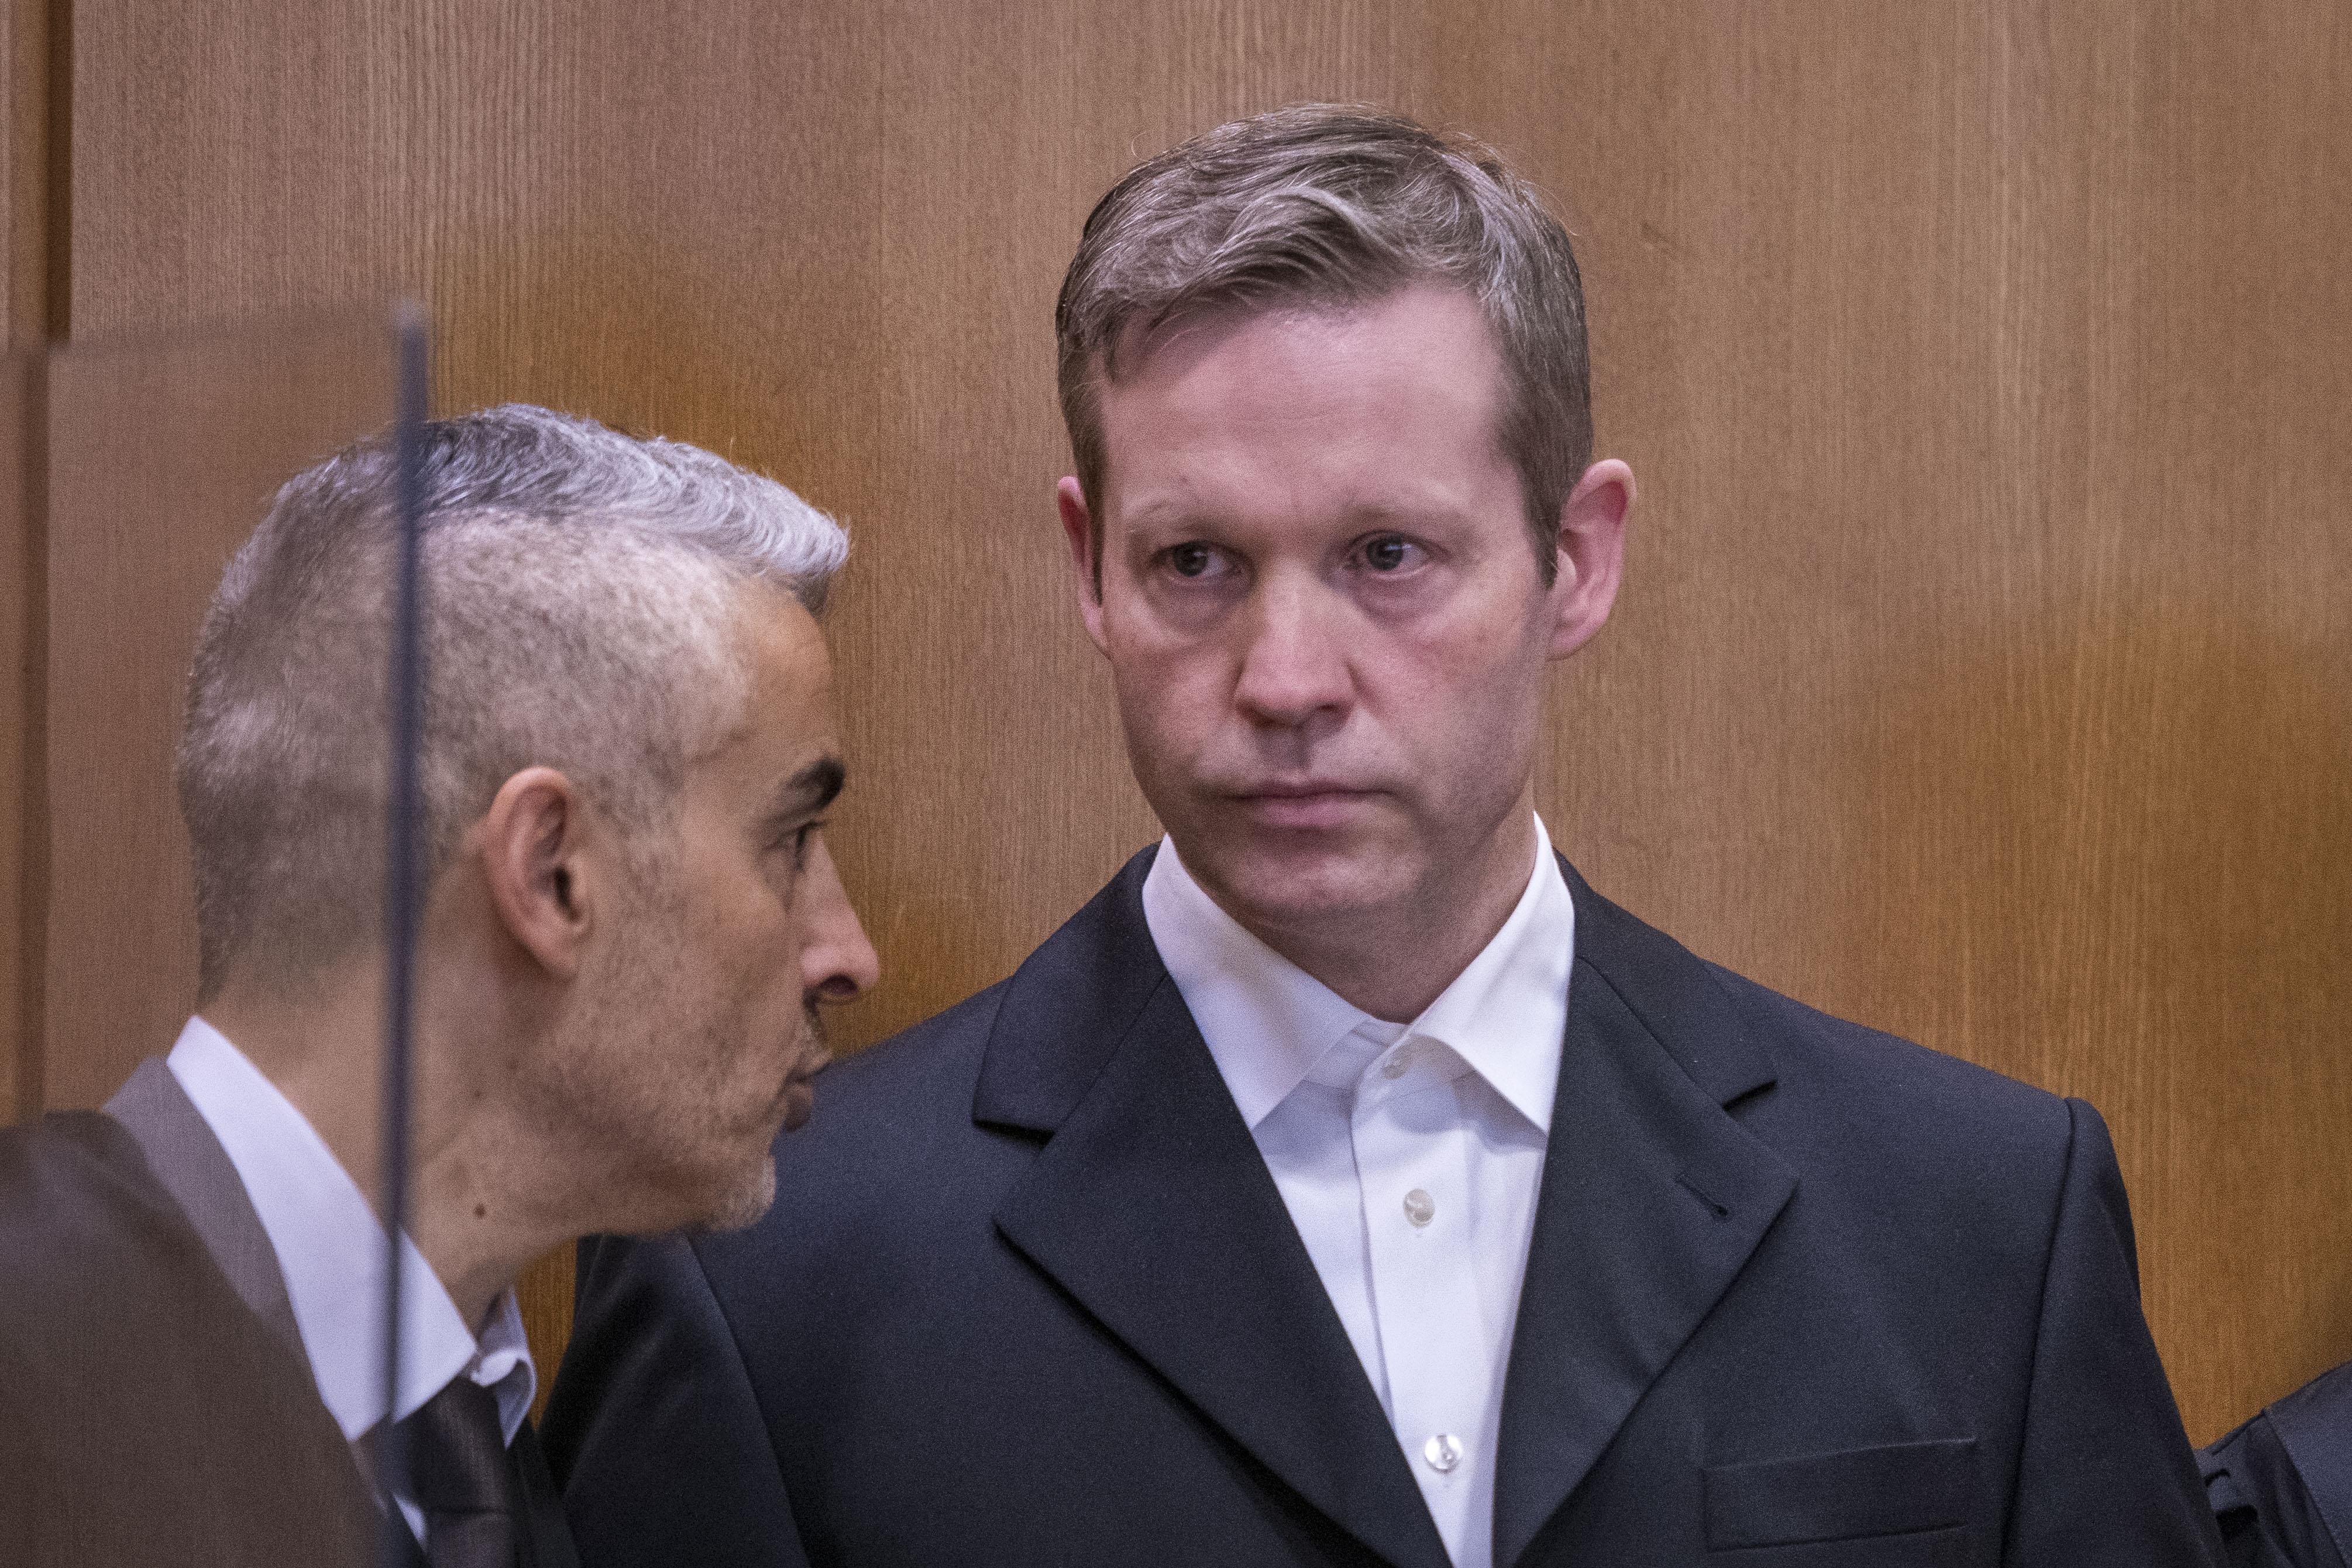 Bíróság előtt a német szélsőjobboldali férfi, aki a vád szerint agyonlőtte a menekültek mellett kiálló politikust